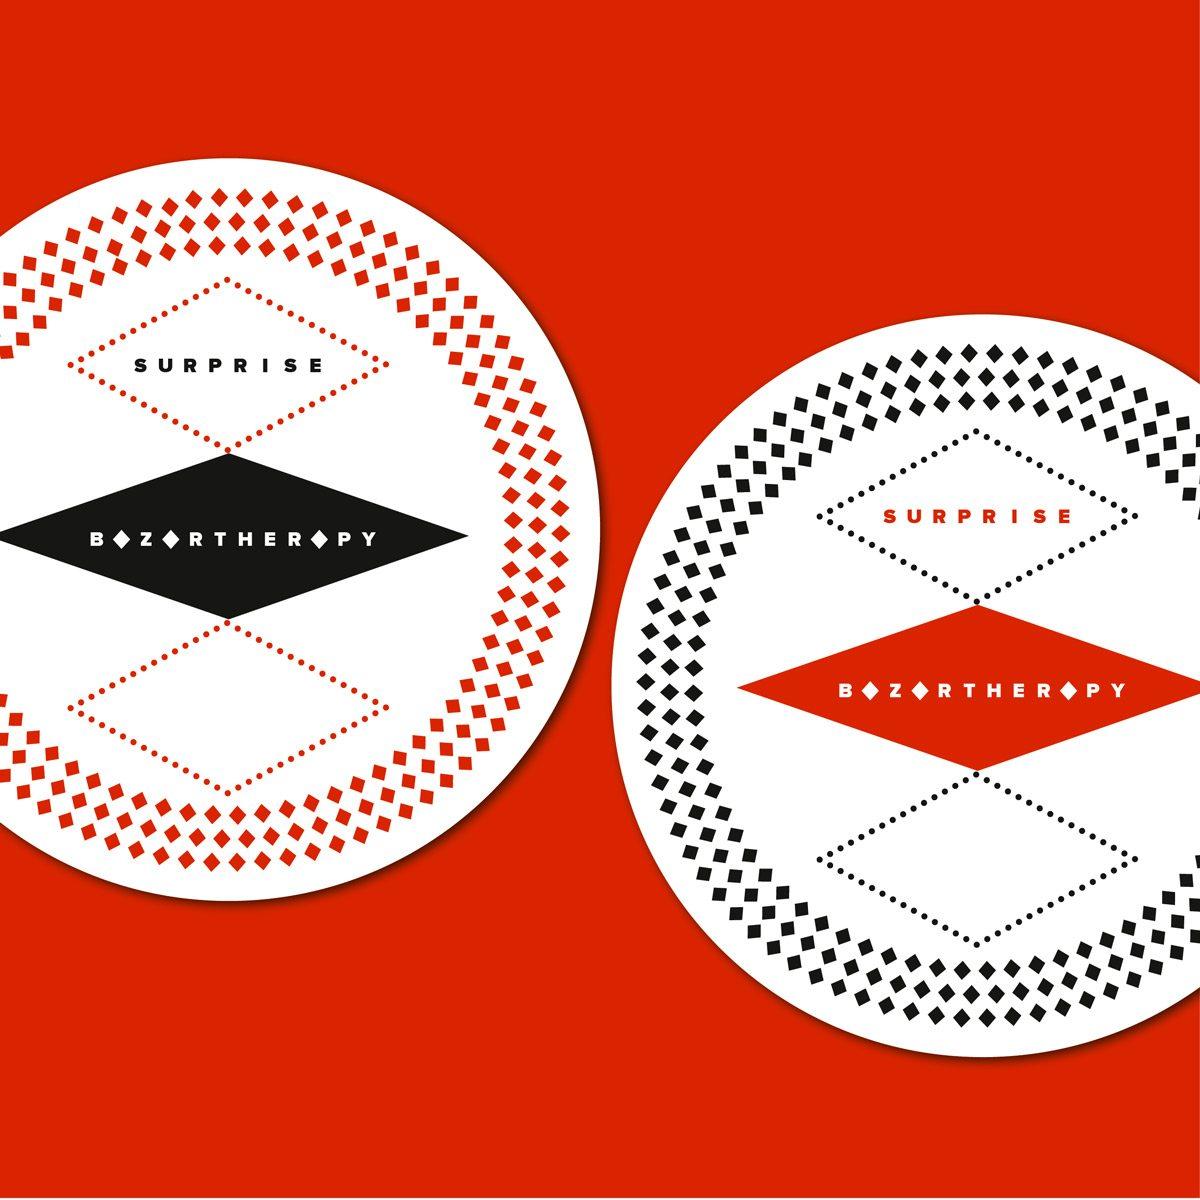 Design graphique en noir blanc et rouge, réalisé pour les pochettes surprises de Bazartherapy, signé Ich&Kar.